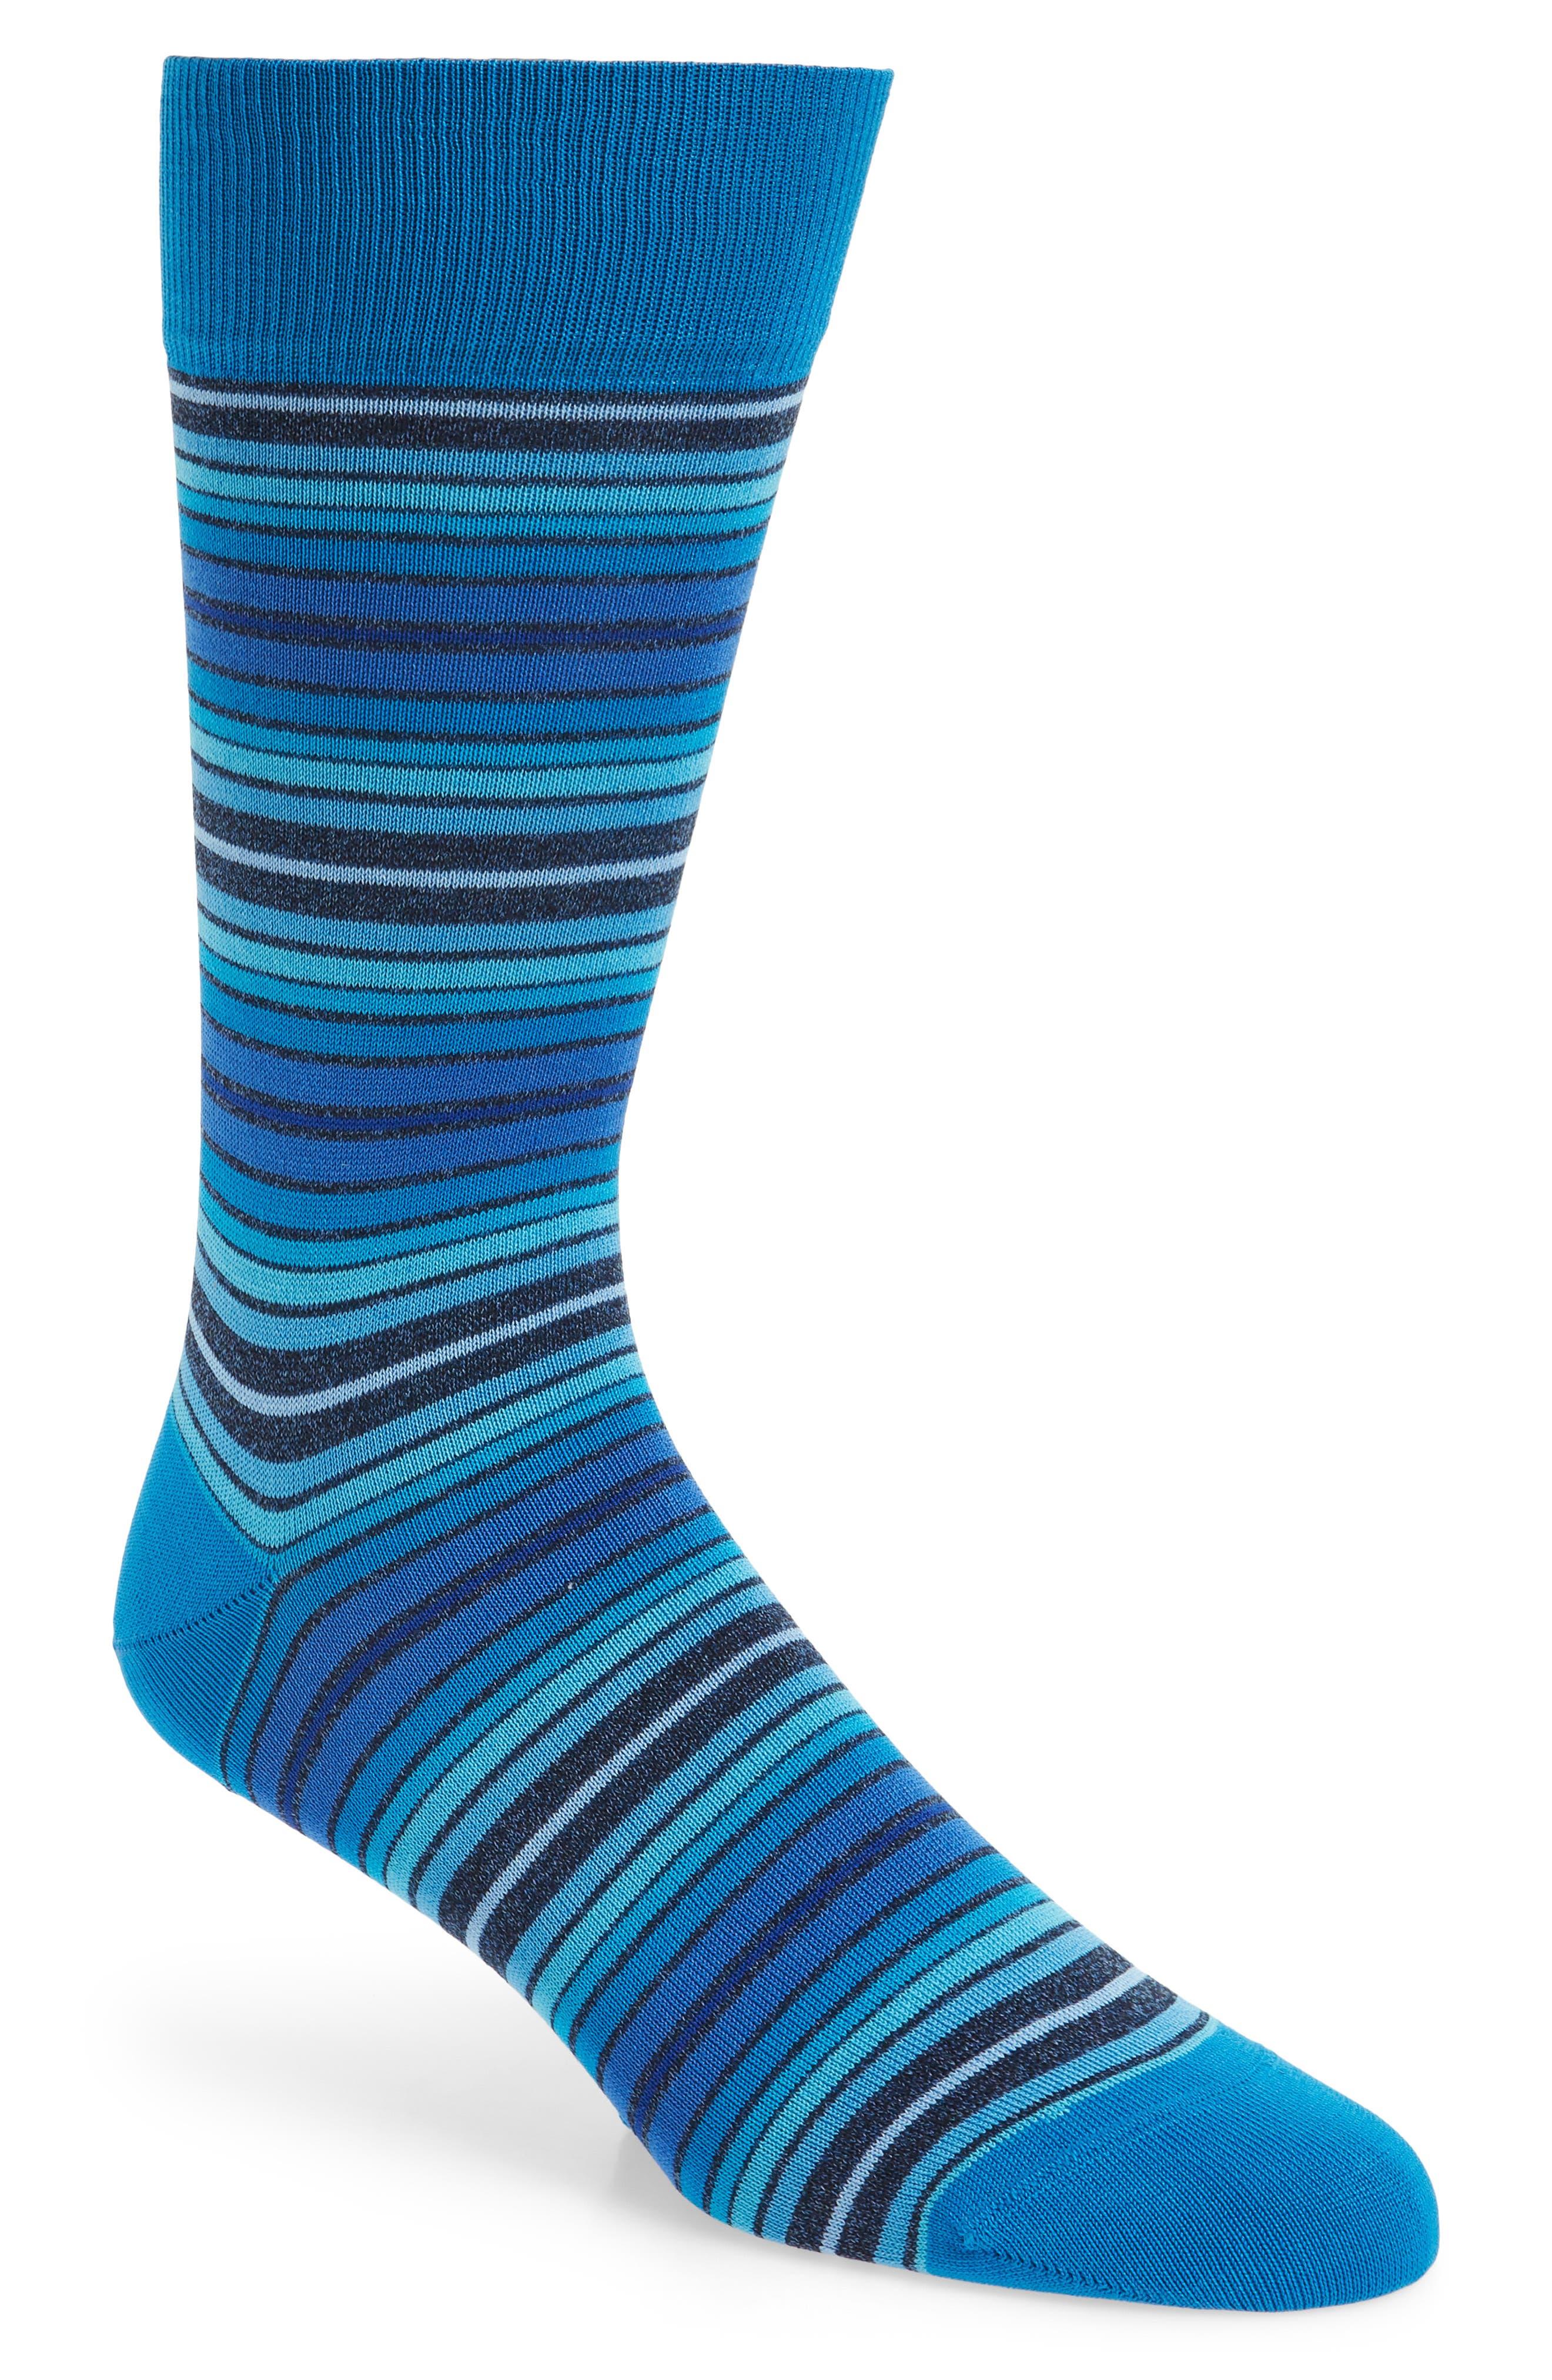 Cotton Blend Socks,                         Main,                         color, Aqua